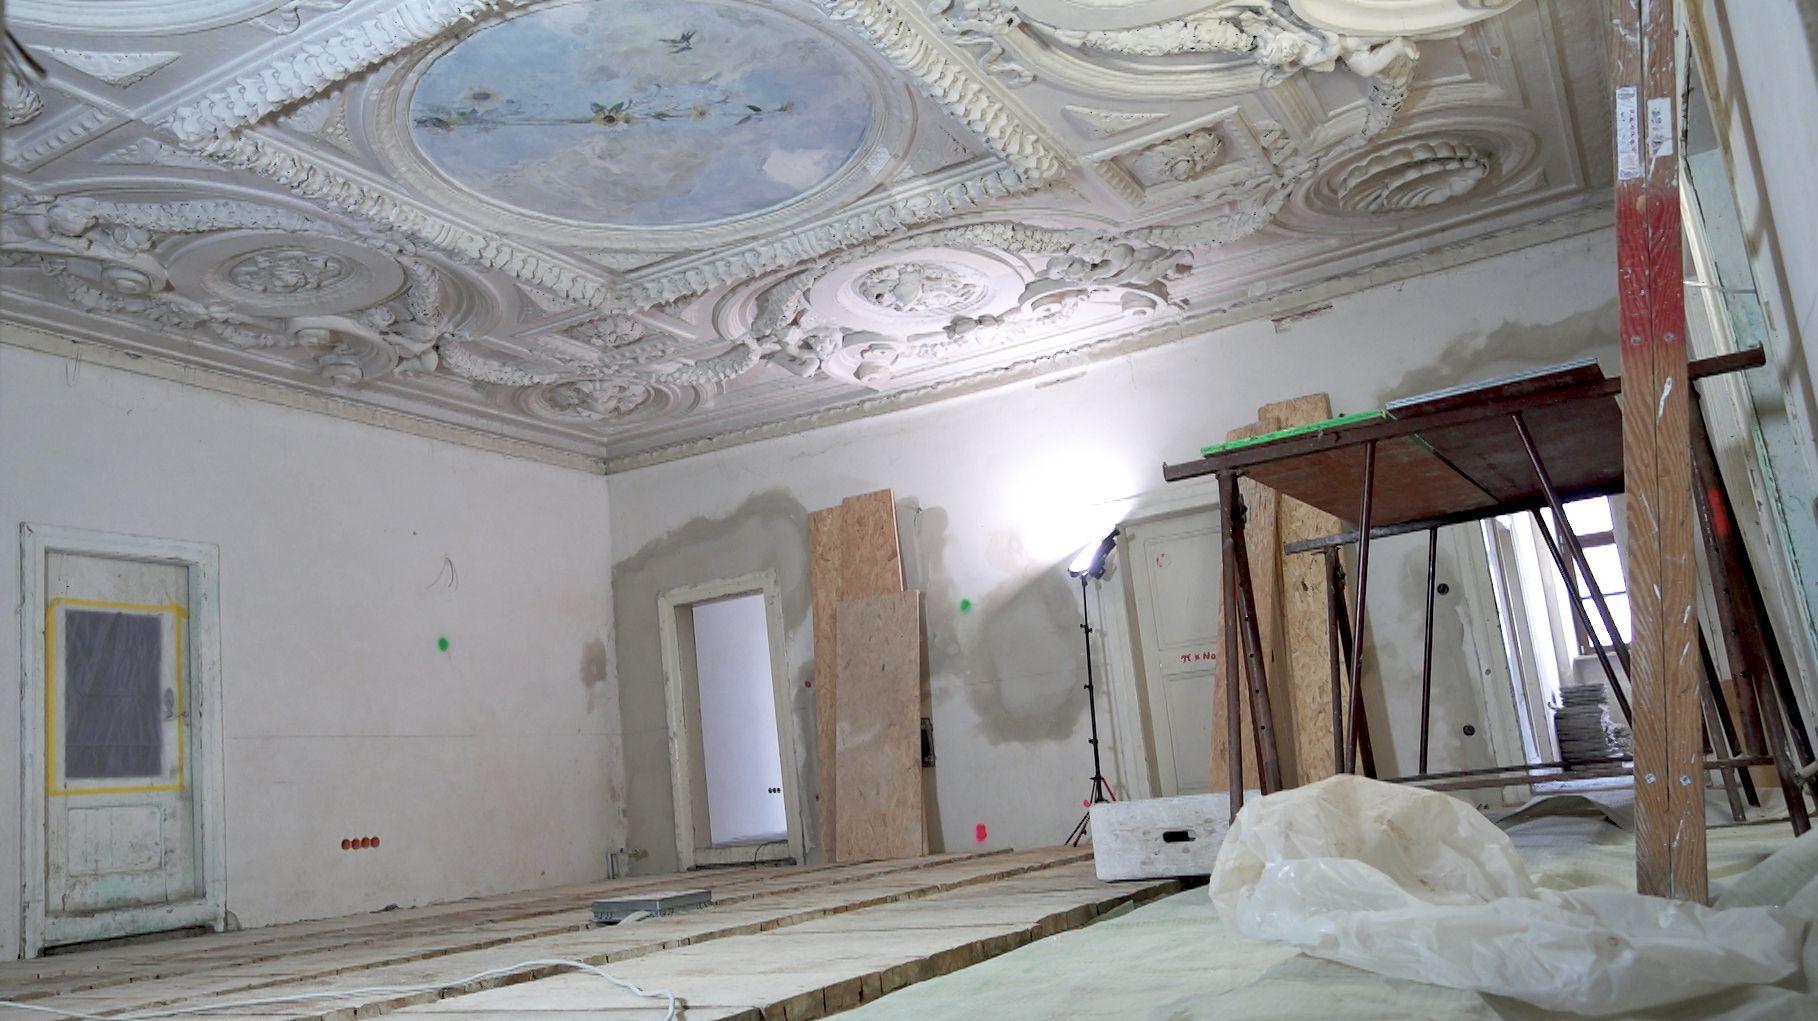 Der Innenraum des mittelalterlichen Gebäudes in der Augsburger Innenstadt, mit prachtvoller Stuckborte an der Decke.